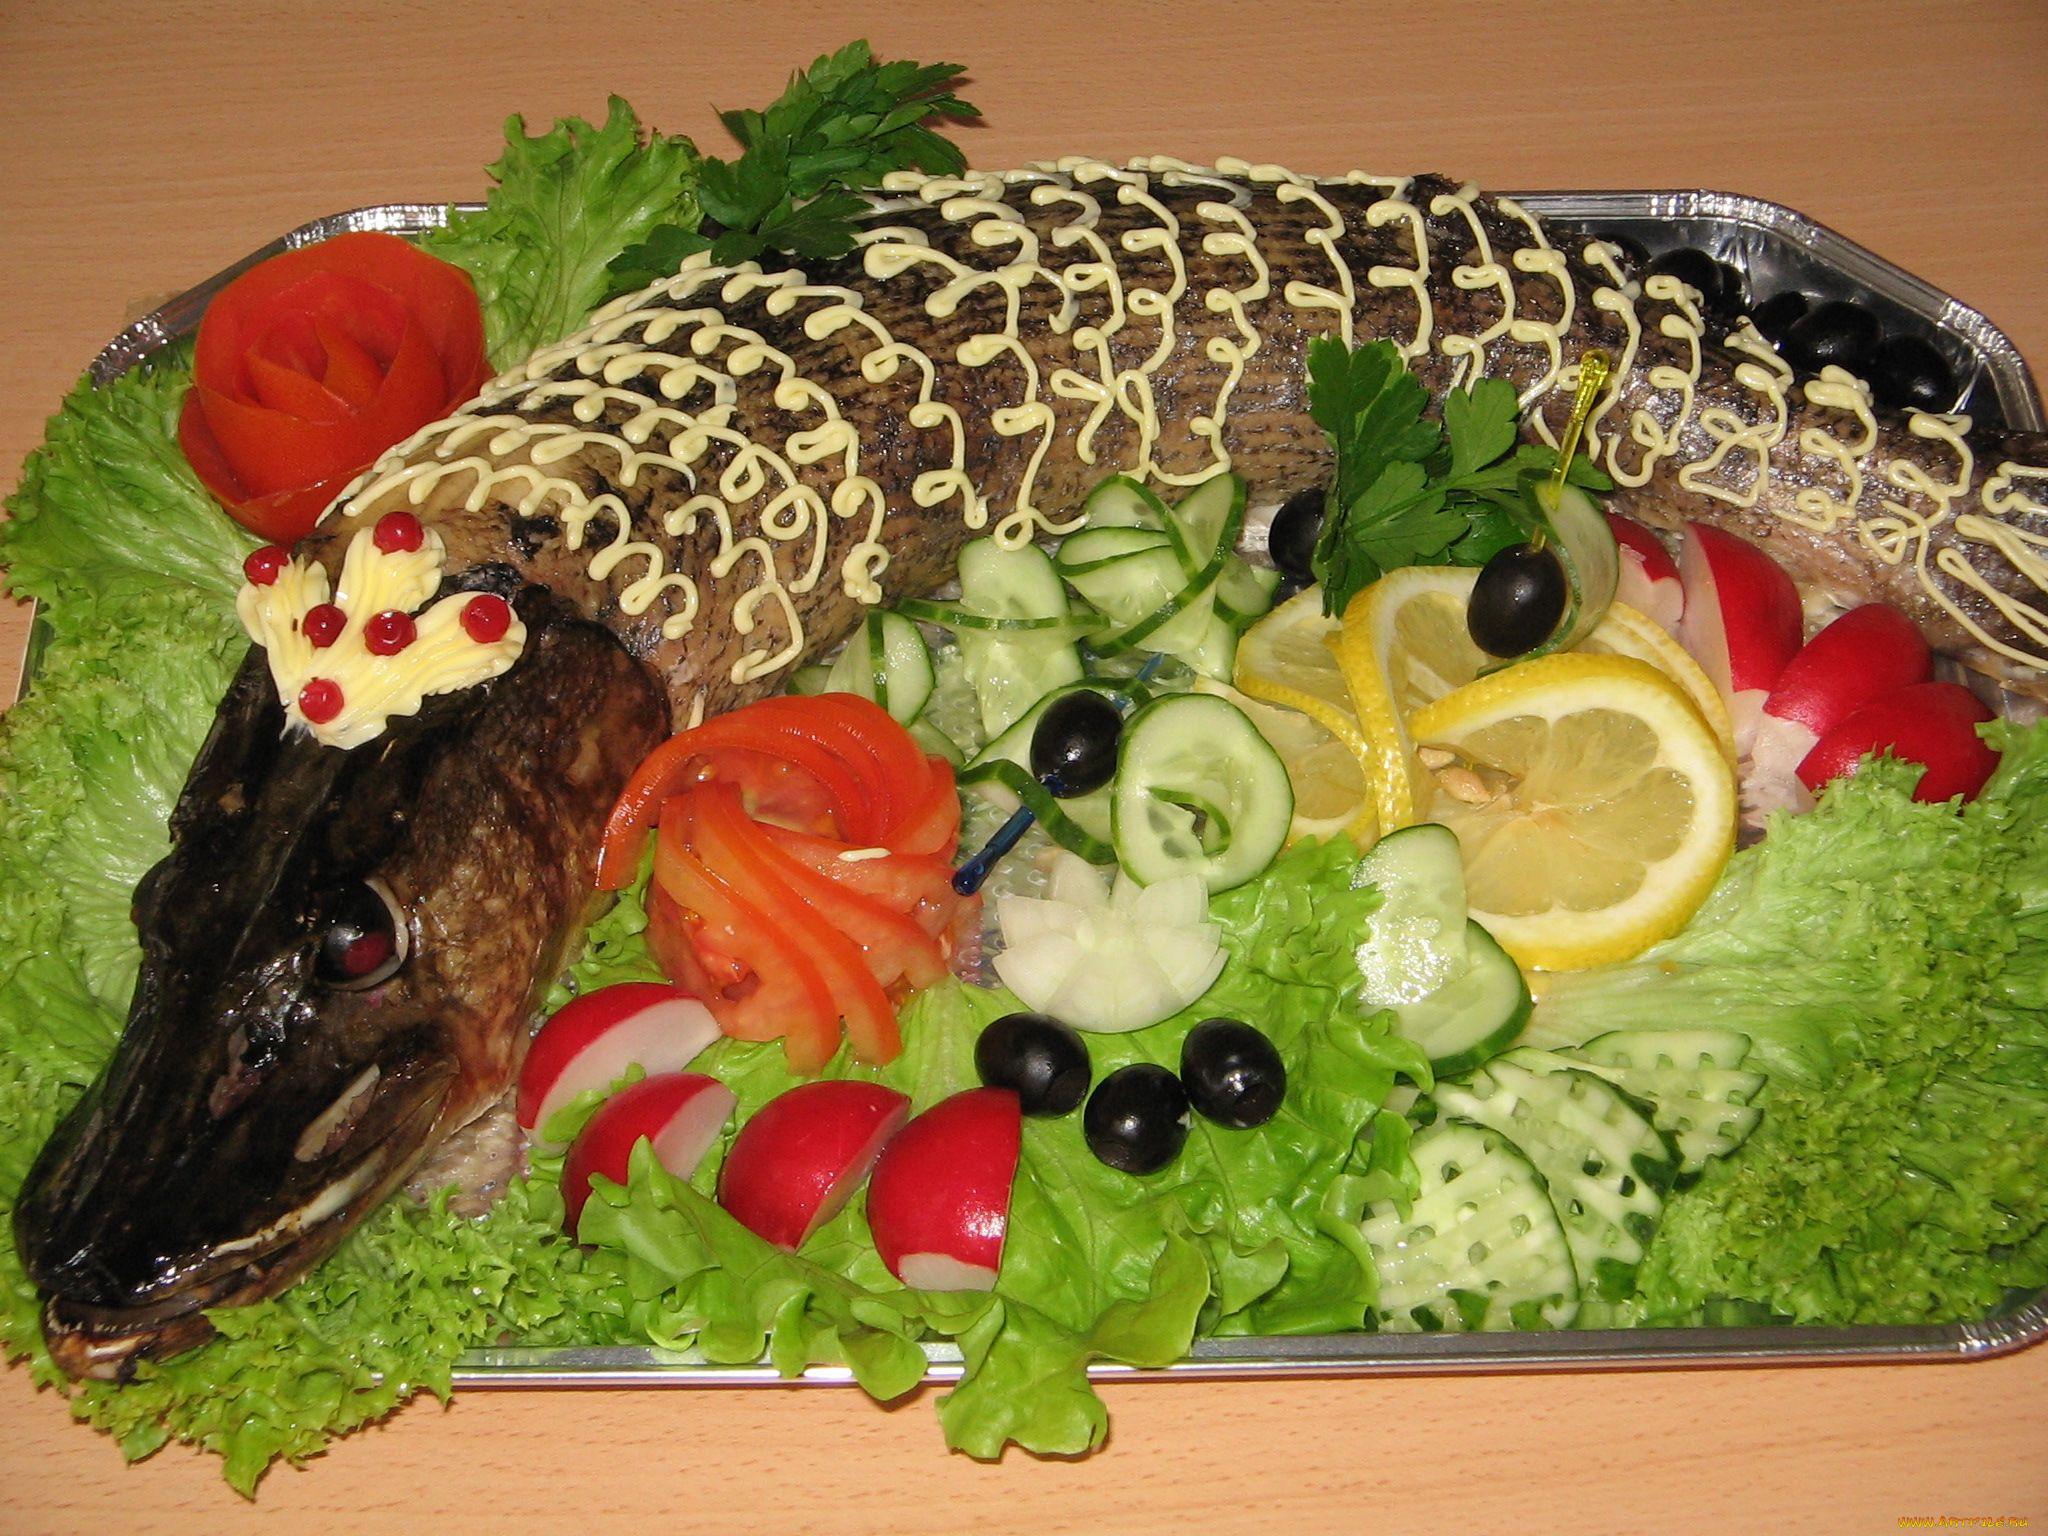 языком оговорки красиво оформленные вторые блюда фото интересен